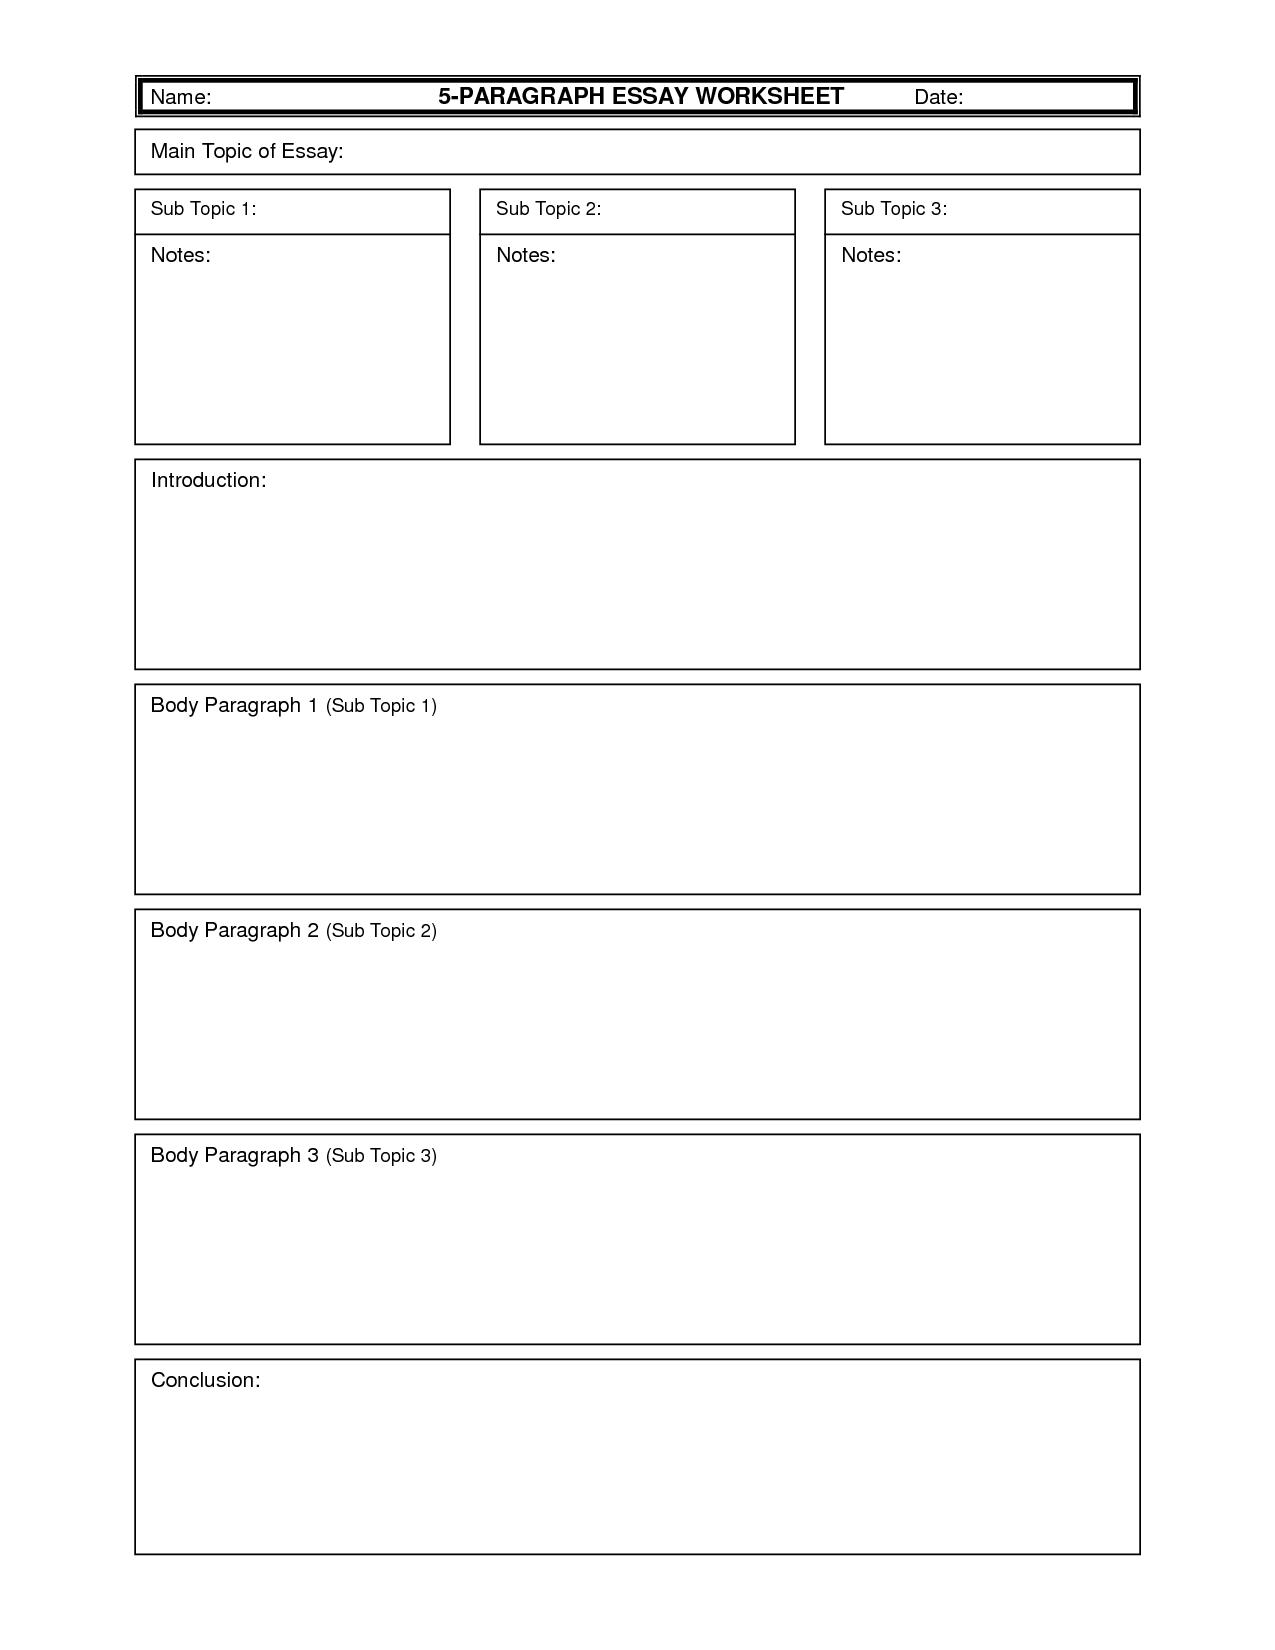 5 Paragraph Essay Outline 3rd Grade